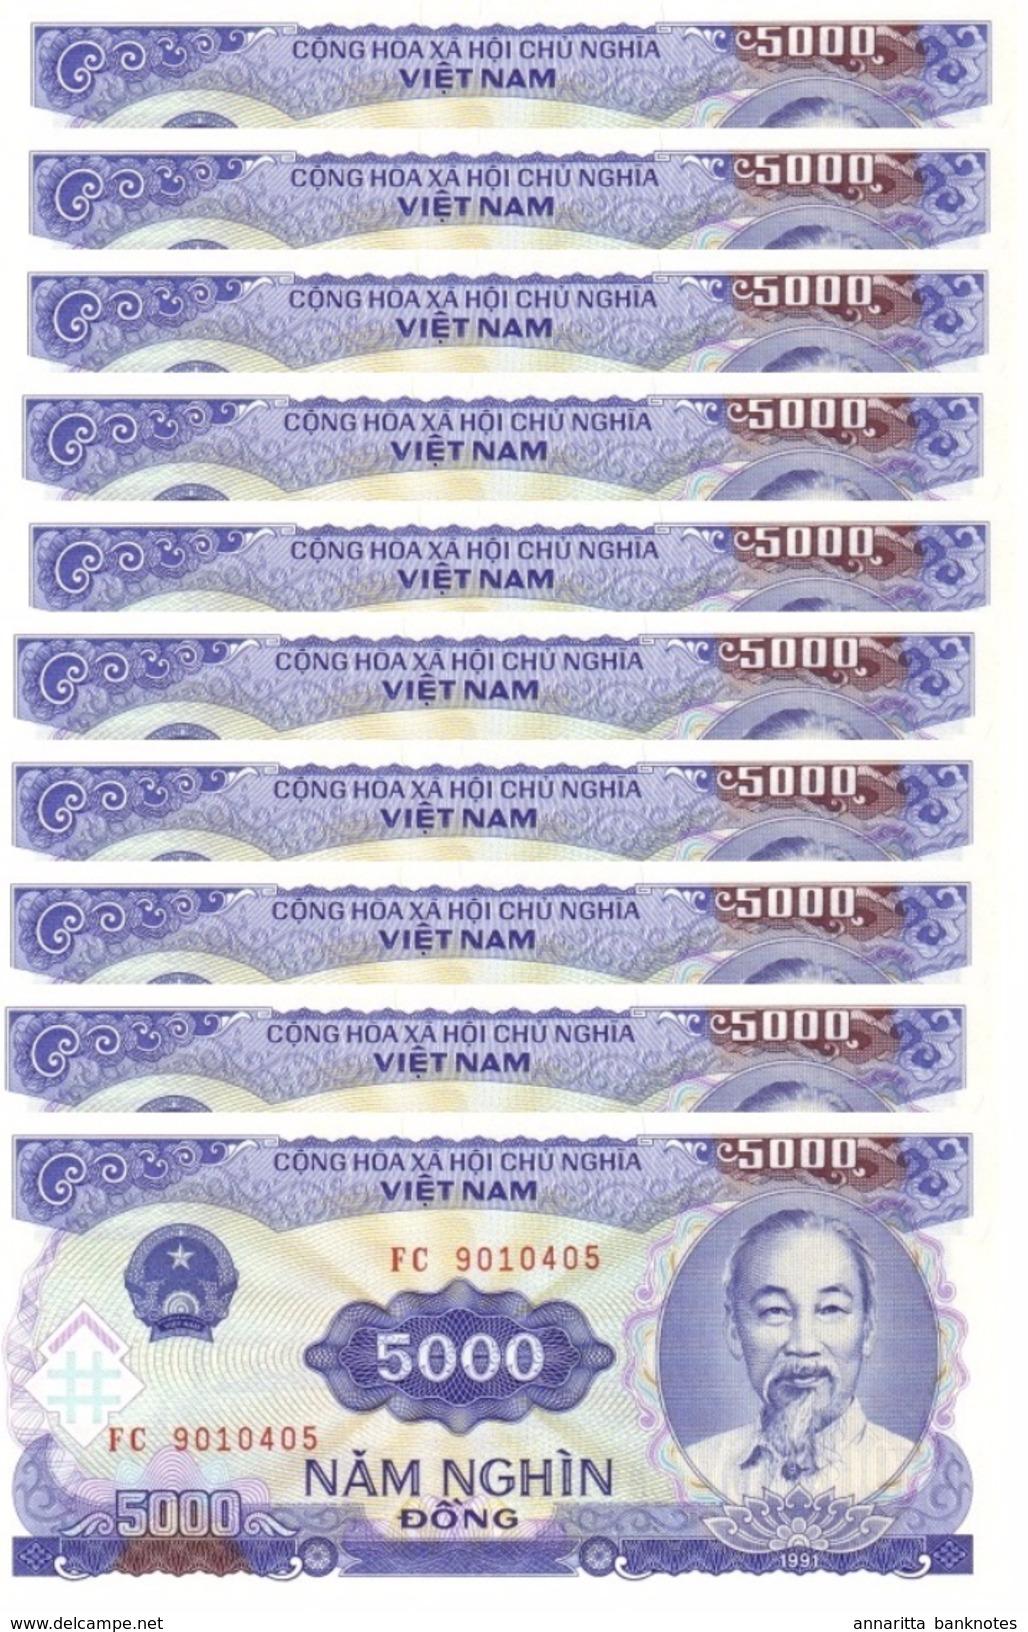 VIETNAM 5000 DONG 1991 (1993) P-108a UNC 10 PCS [VN336a] - Vietnam